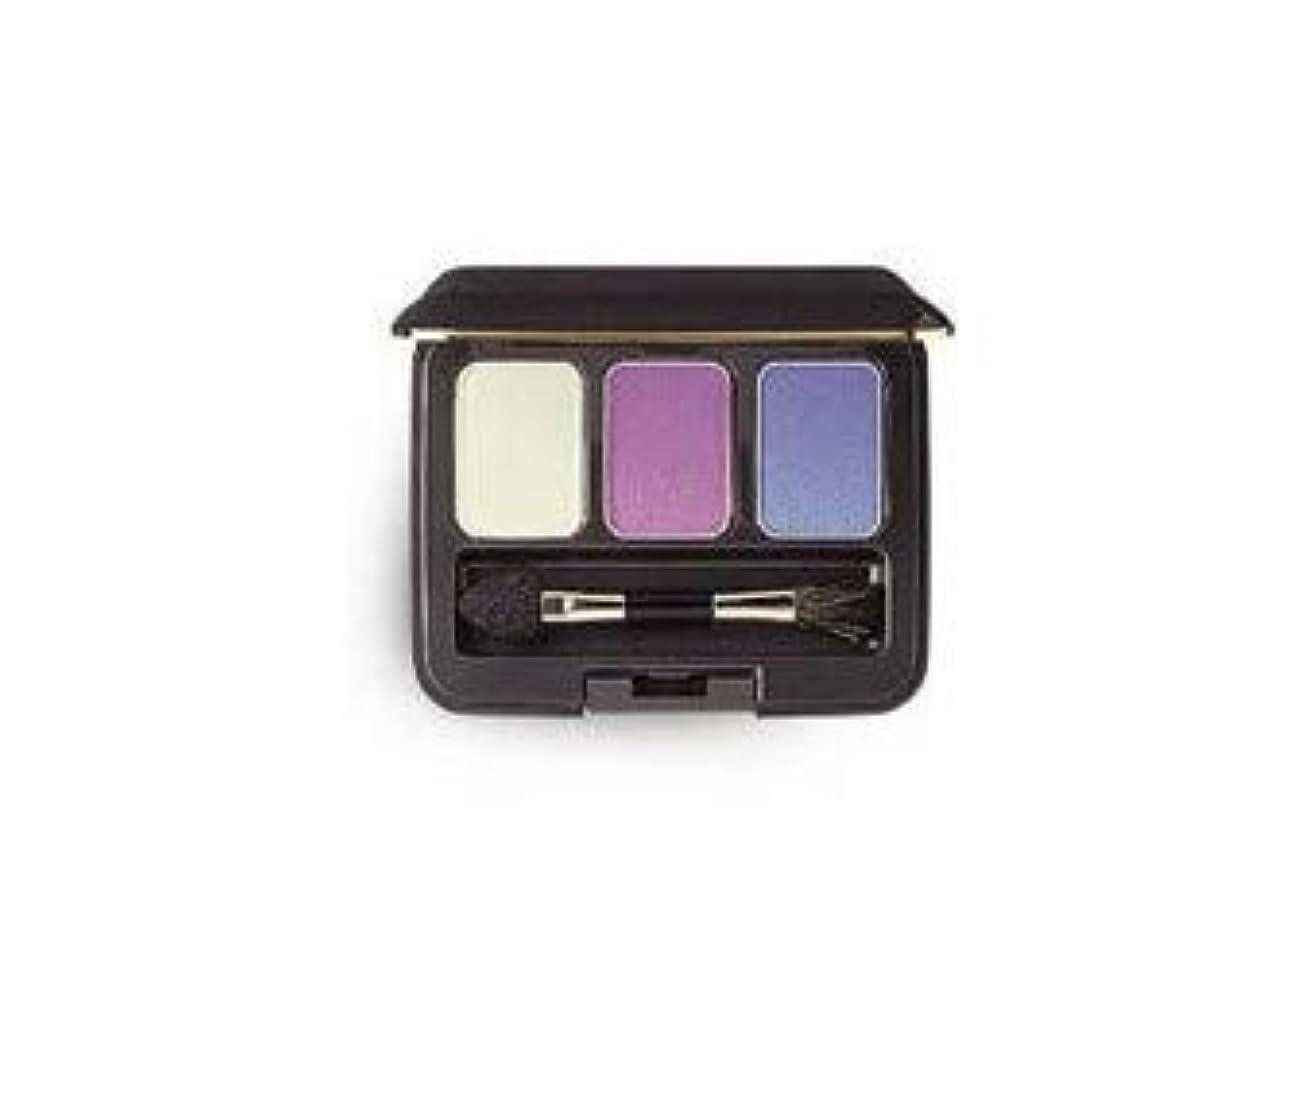 インフレーション最大の公爵リマナチュラル LIMANATURAL ピュアアイカラー アイシャドウ 化粧 メイクアップ オーガニック マクロビオテック ナチュラル化粧品 自然派 (E-225)